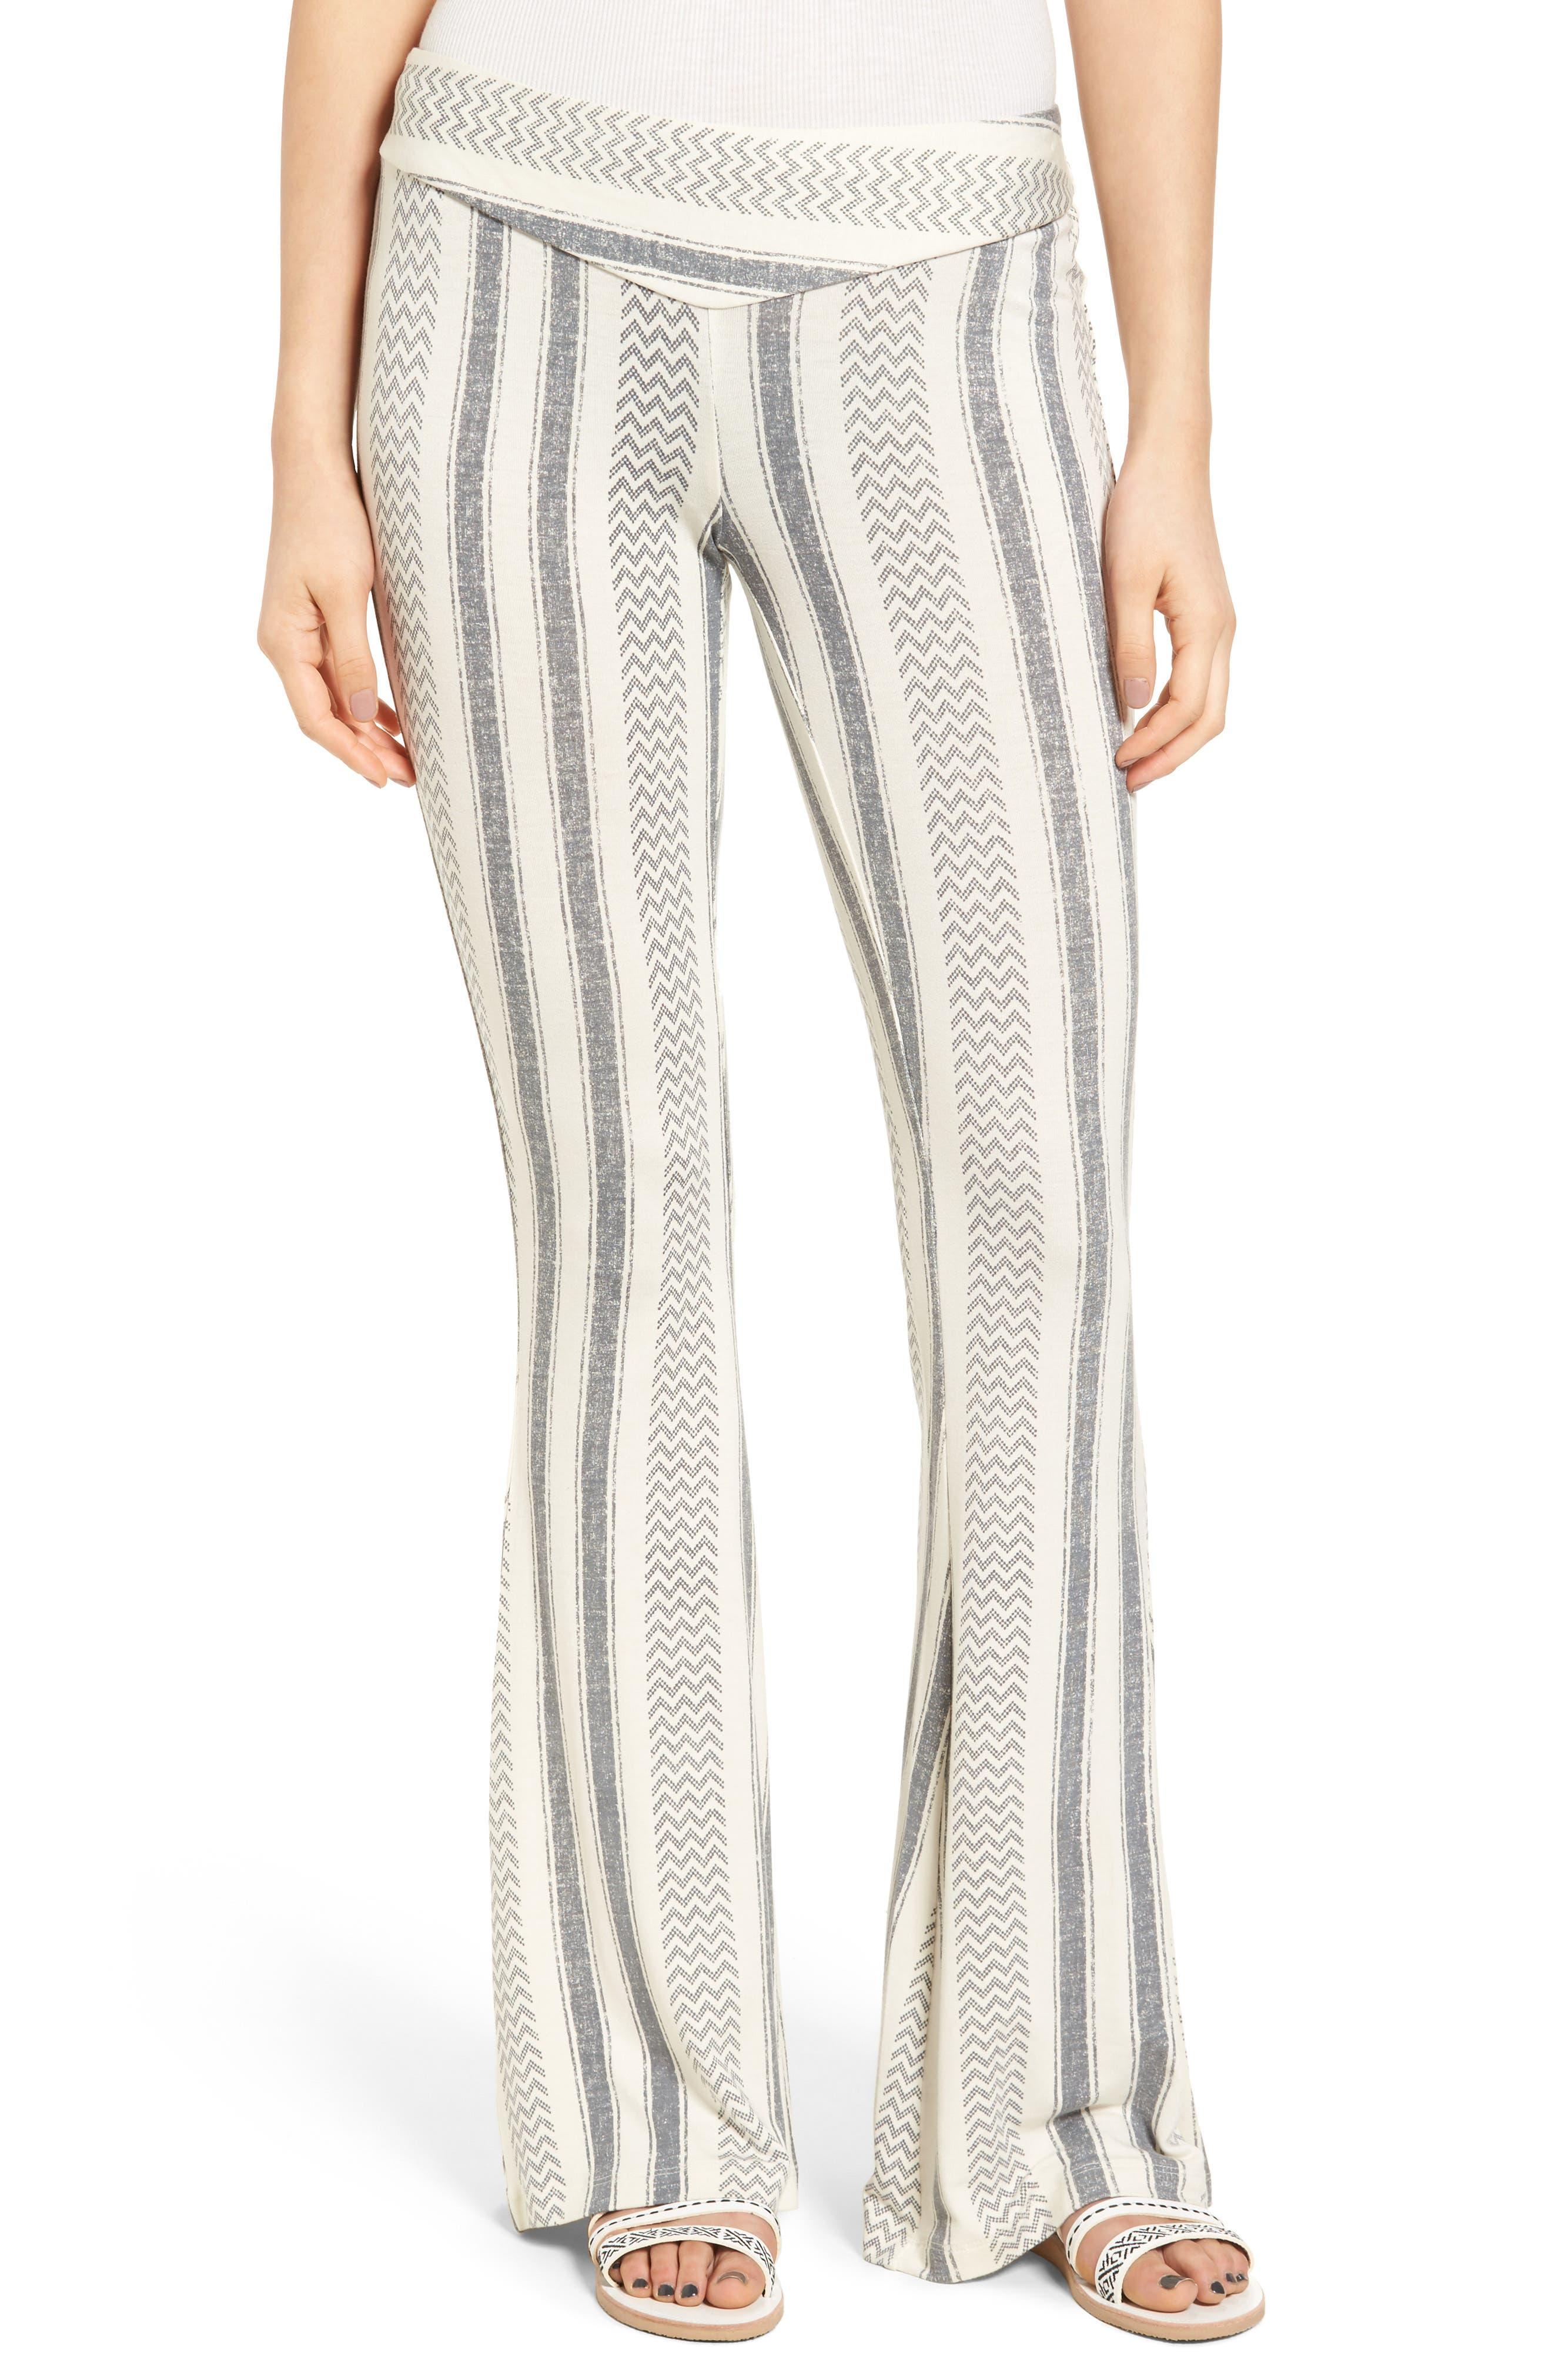 Del Sol Flare Beach Pants, Main, color, 400